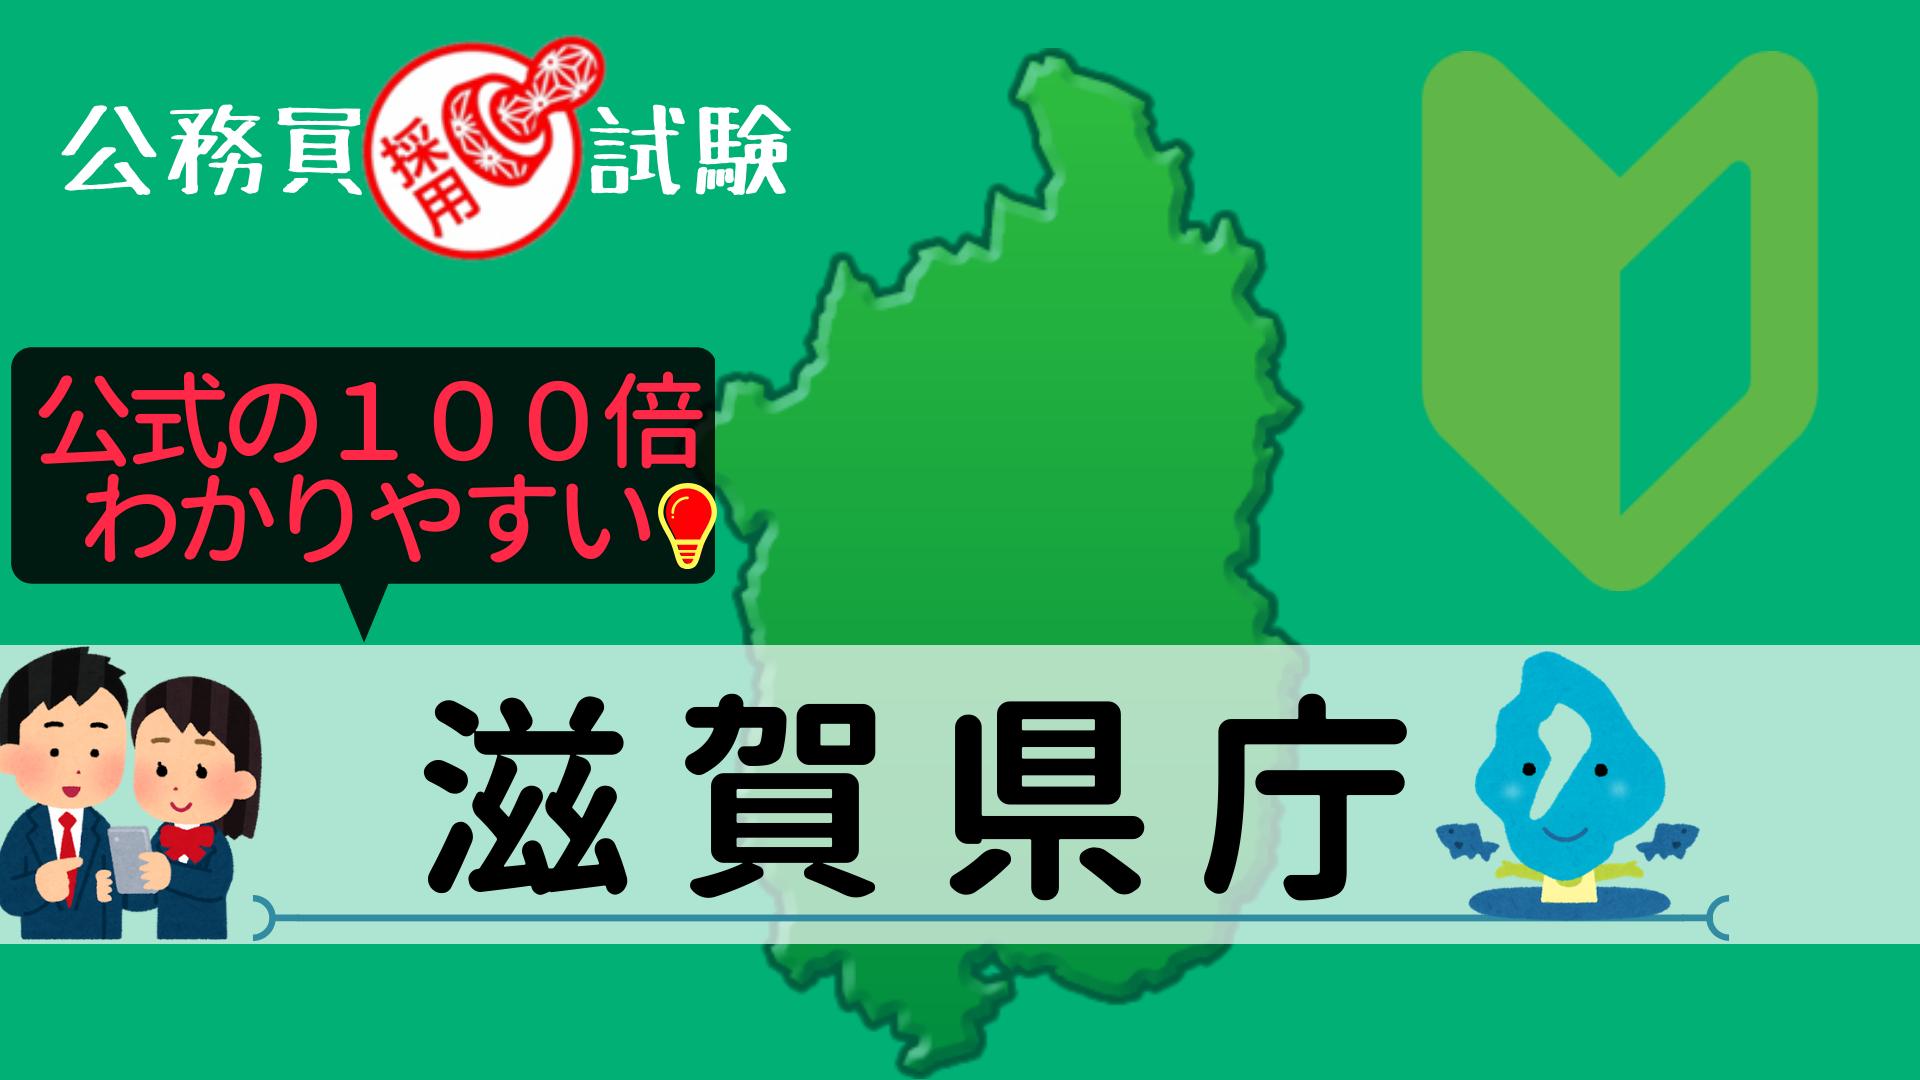 滋賀県庁の公務員採用試験について